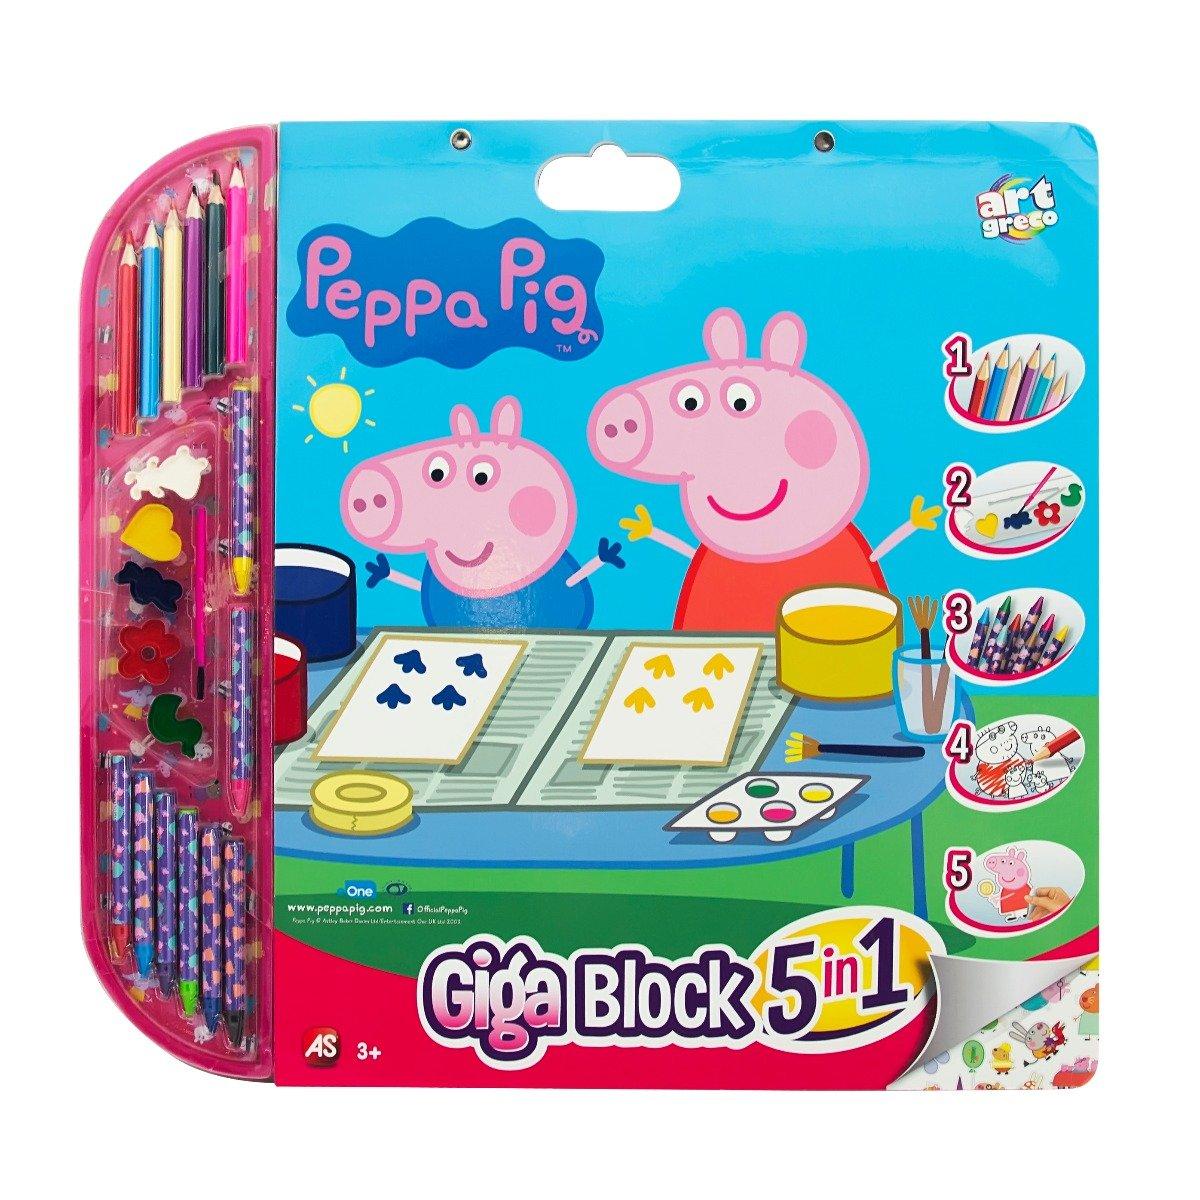 Bloc de desen 5 in 1 Giga Block, Peppa Pig